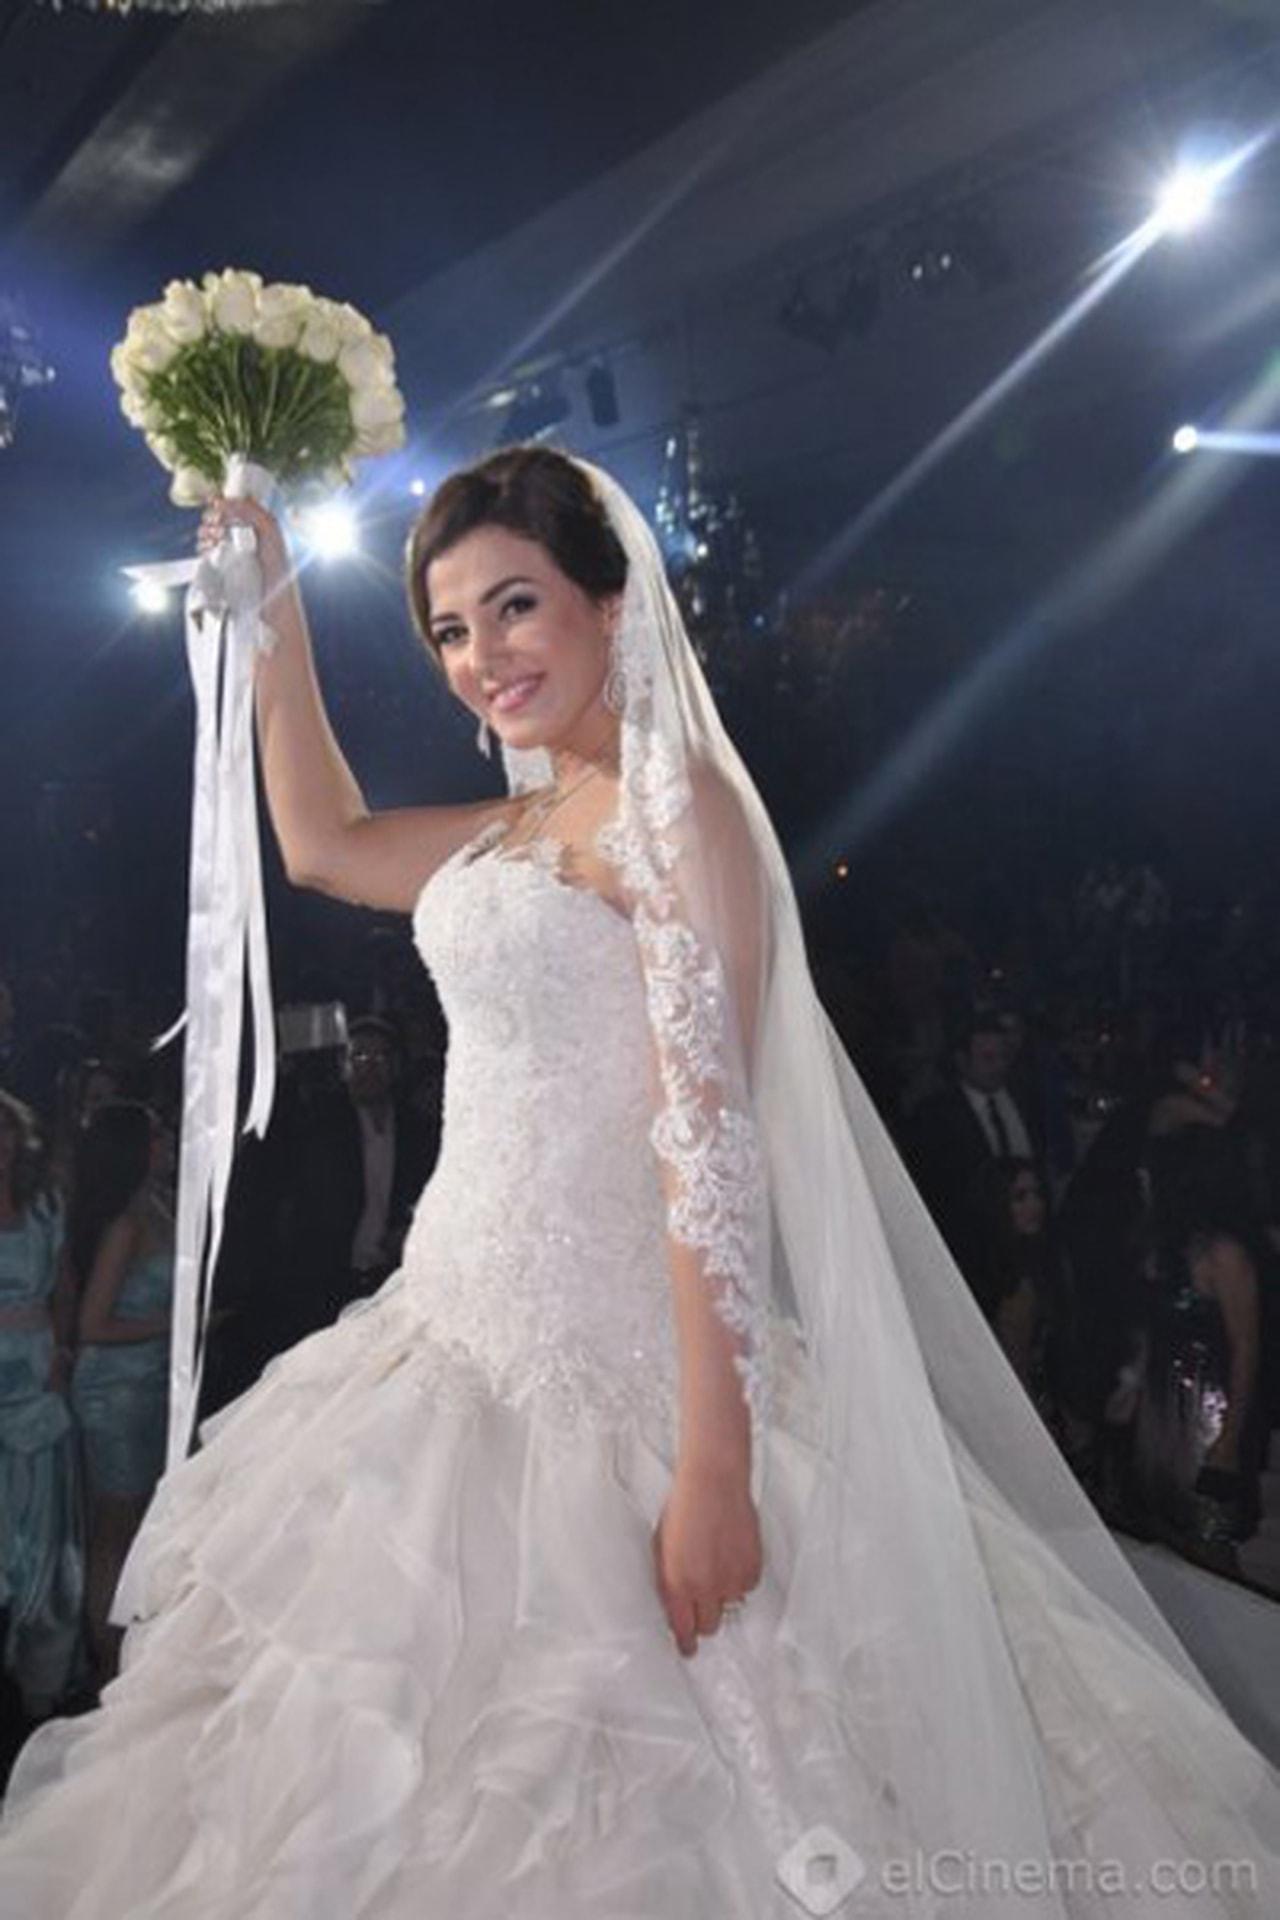 بالصور صور عروسة , اجمل صور للعرائس بالفستان الابيض 4367 12